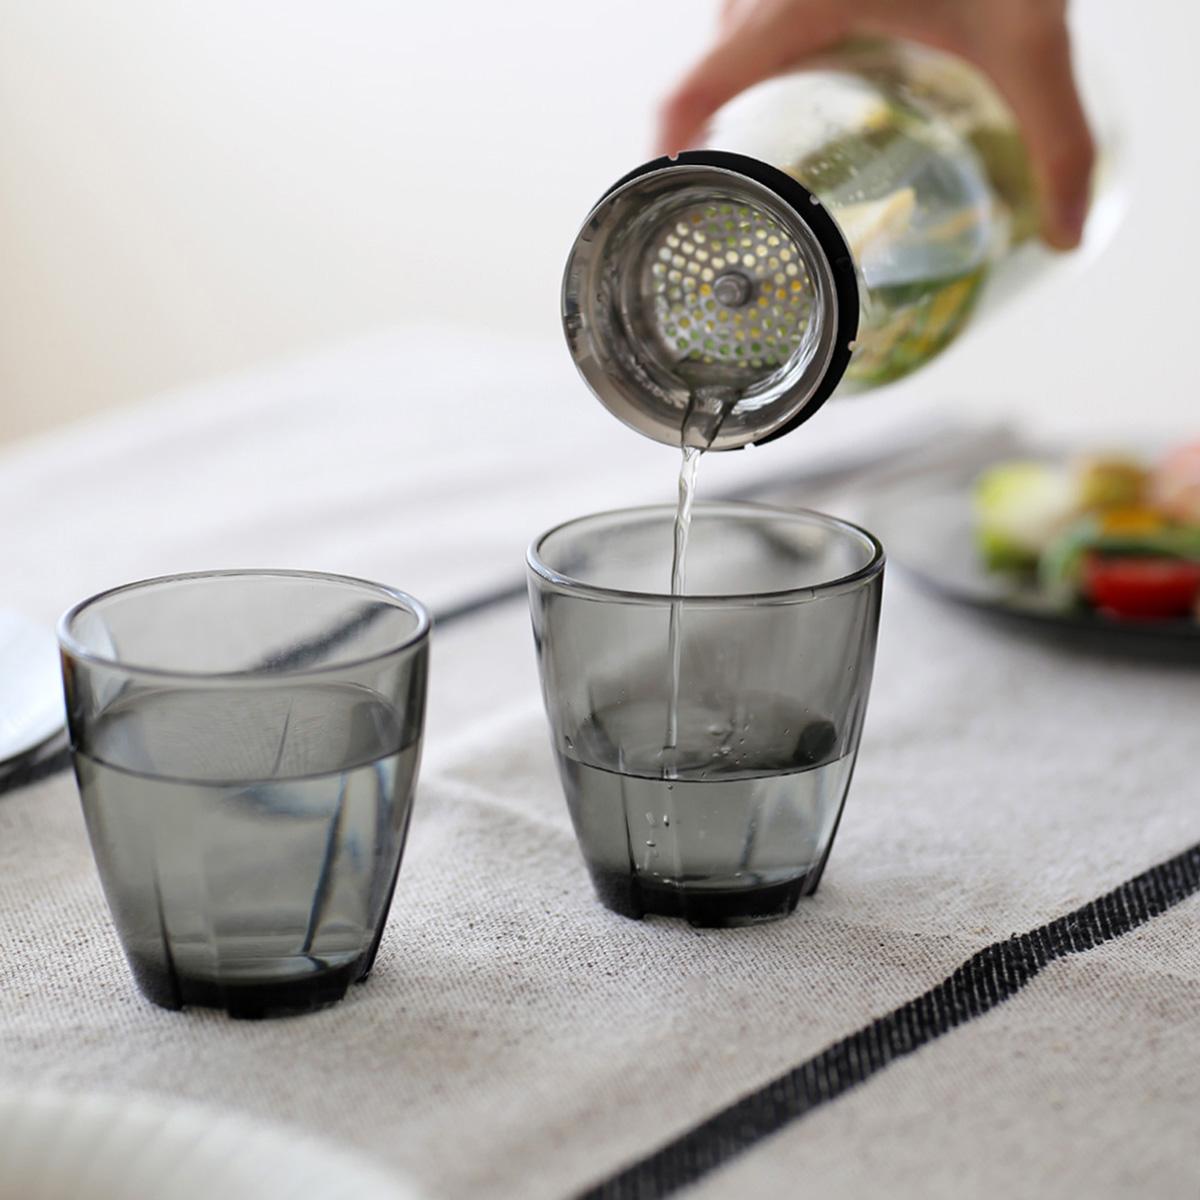 KOSTA BODA (コスタ ボダ) Bruk.(ブルック) グラス/タンブラー H8×Φ7.8cm スモーキーグレー北欧/食器/皿